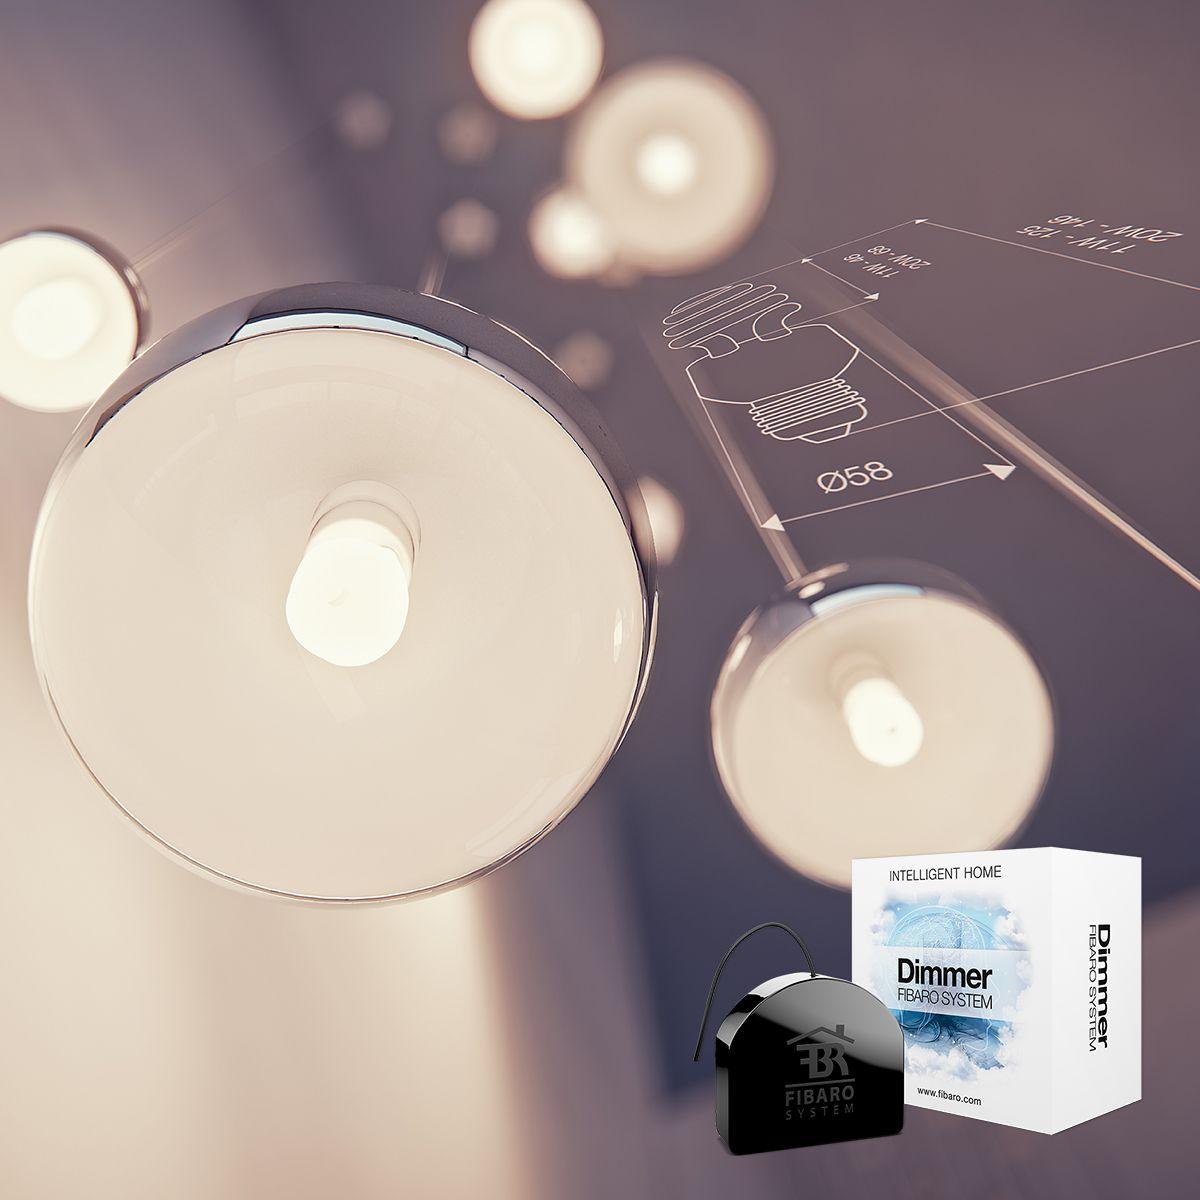 Fibaro Dimmer - sterowanie oświetleniem